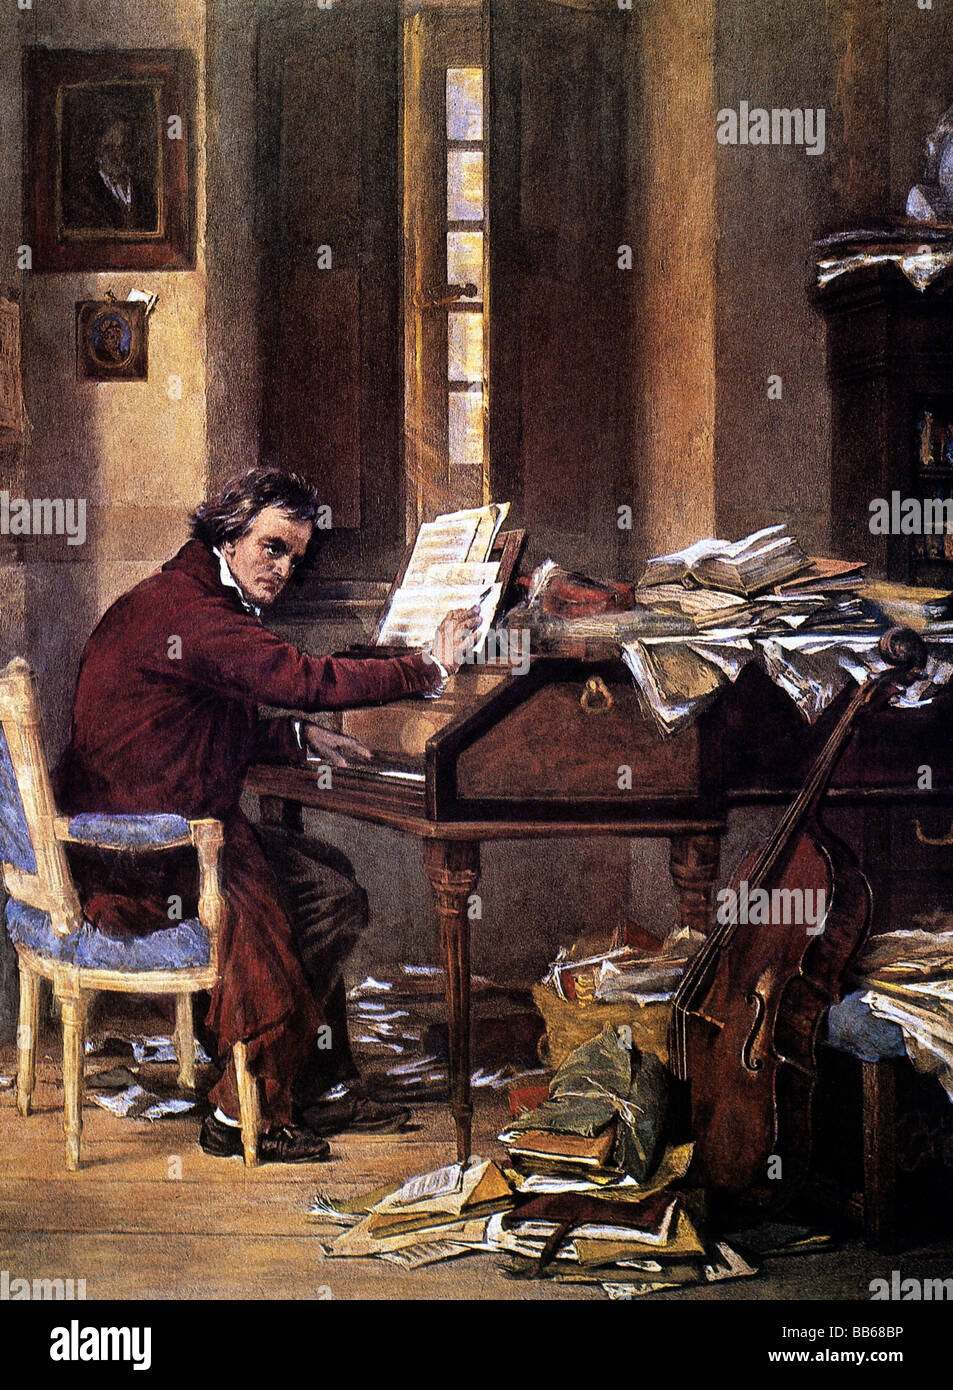 , Ludwig van Beethoven, 17.12.1770 - 26.3.1827, compositor alemán, de longitud media, en el trabajo, la pintura Imagen De Stock